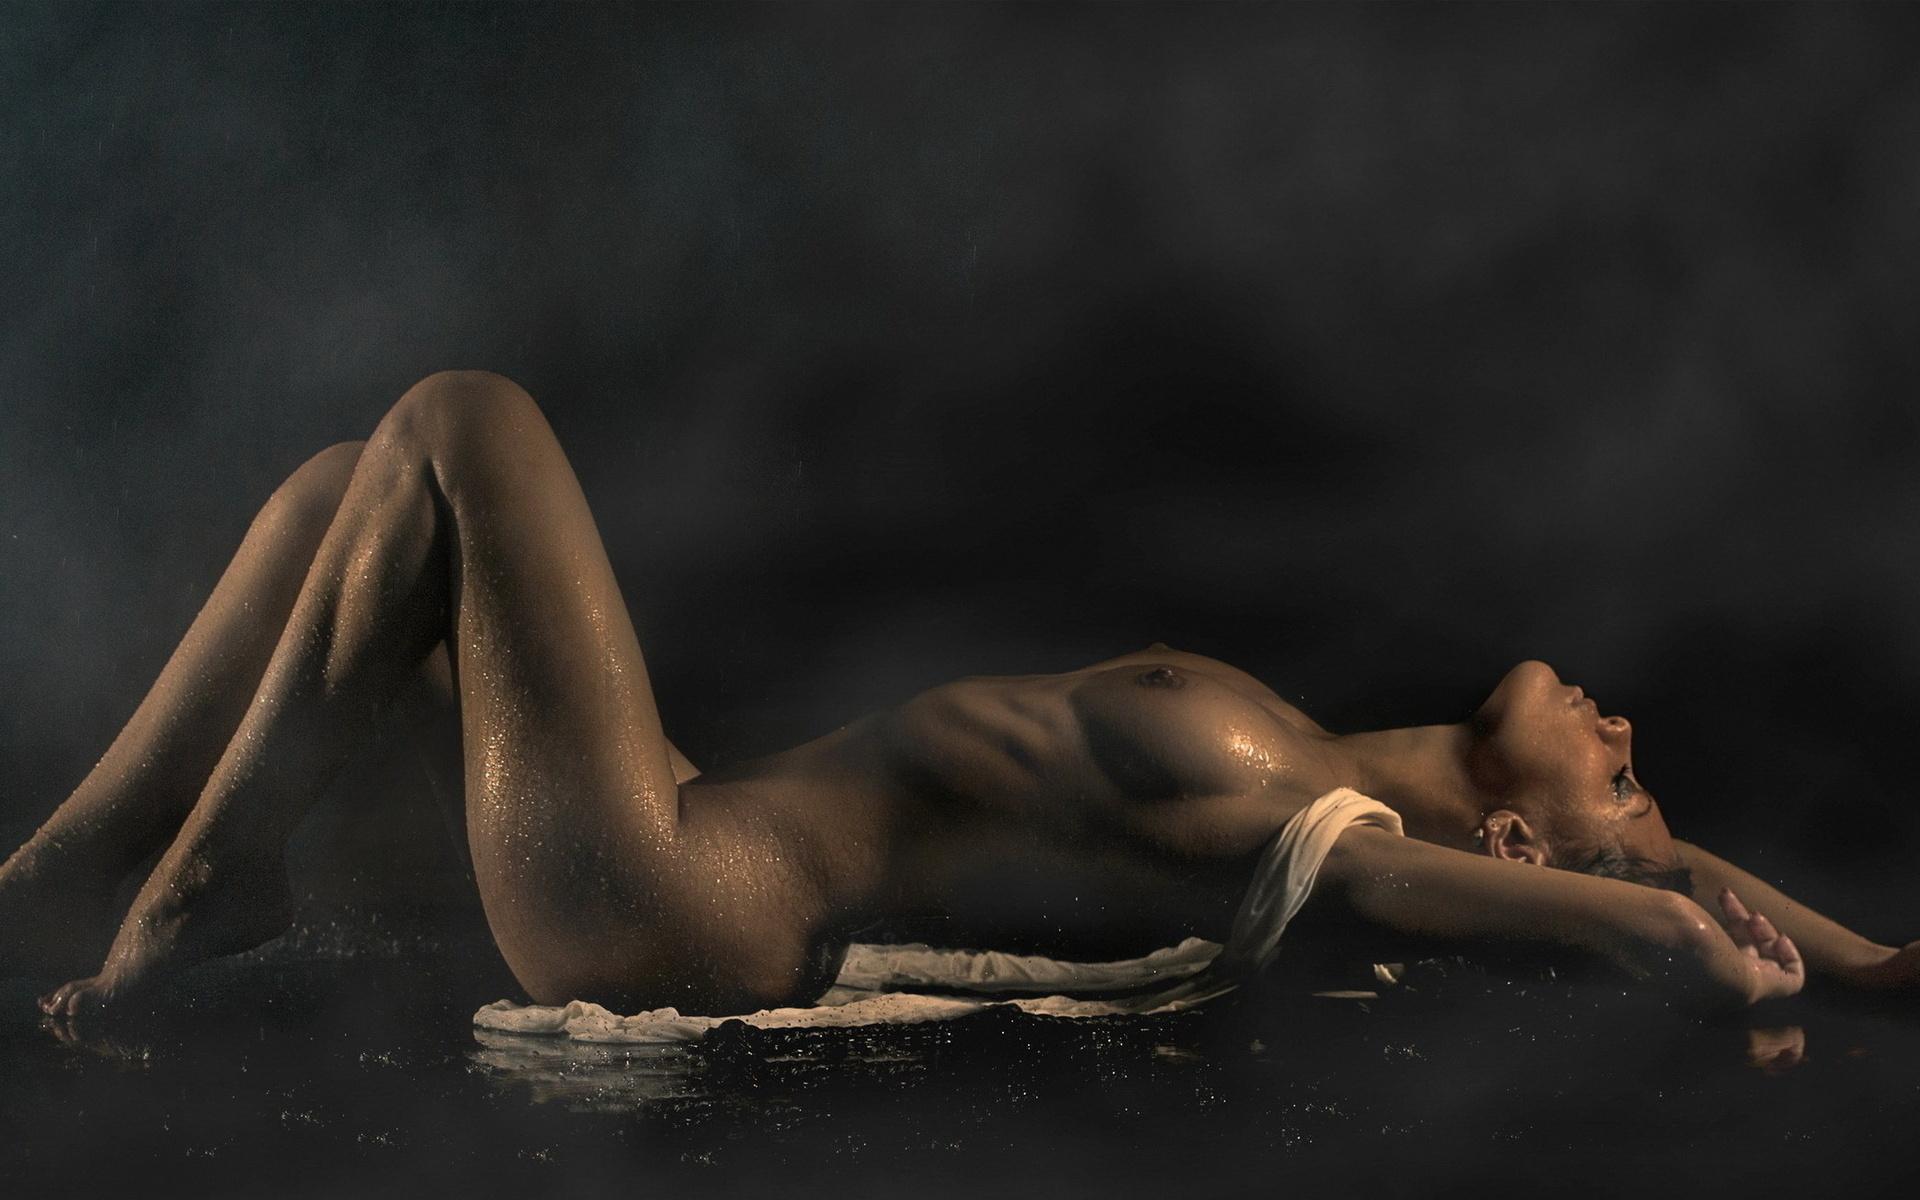 Фото мокрое обнаженное женское тело 8 фотография